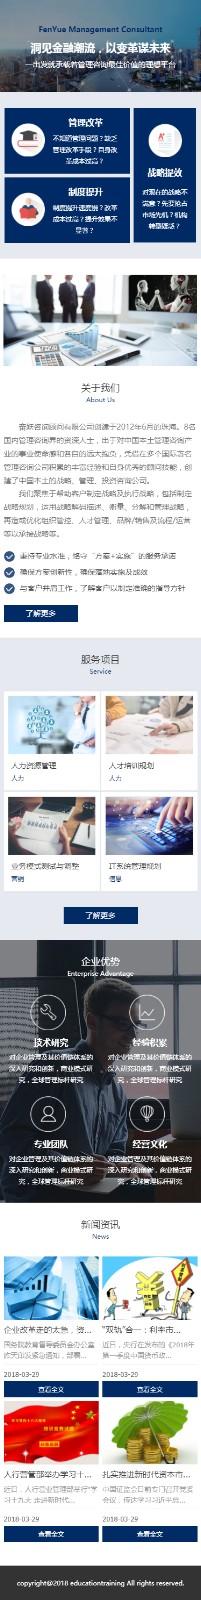 奋跃咨询服务展示小程序模板